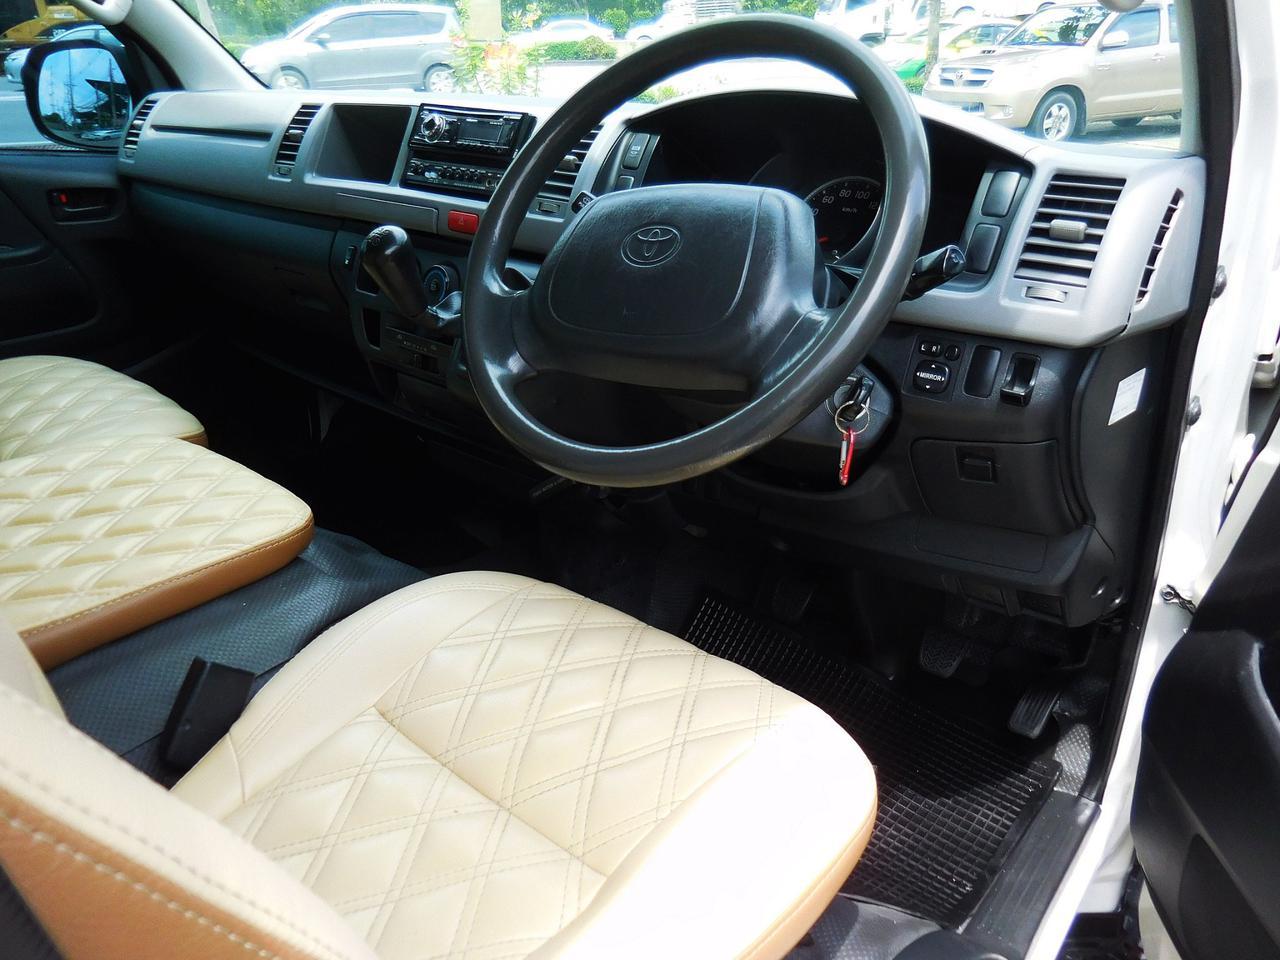 💥 TOYOTA COMMUTER 2.5 D4D 💥 โตโยต้า ปี 2011 กระจกไฟฟ้าเบาะหนังแต่ง VIP 5 แถวรถสวย รถตู้มือสอง แต่ง พร้อมใช้งาน รูปที่ 4